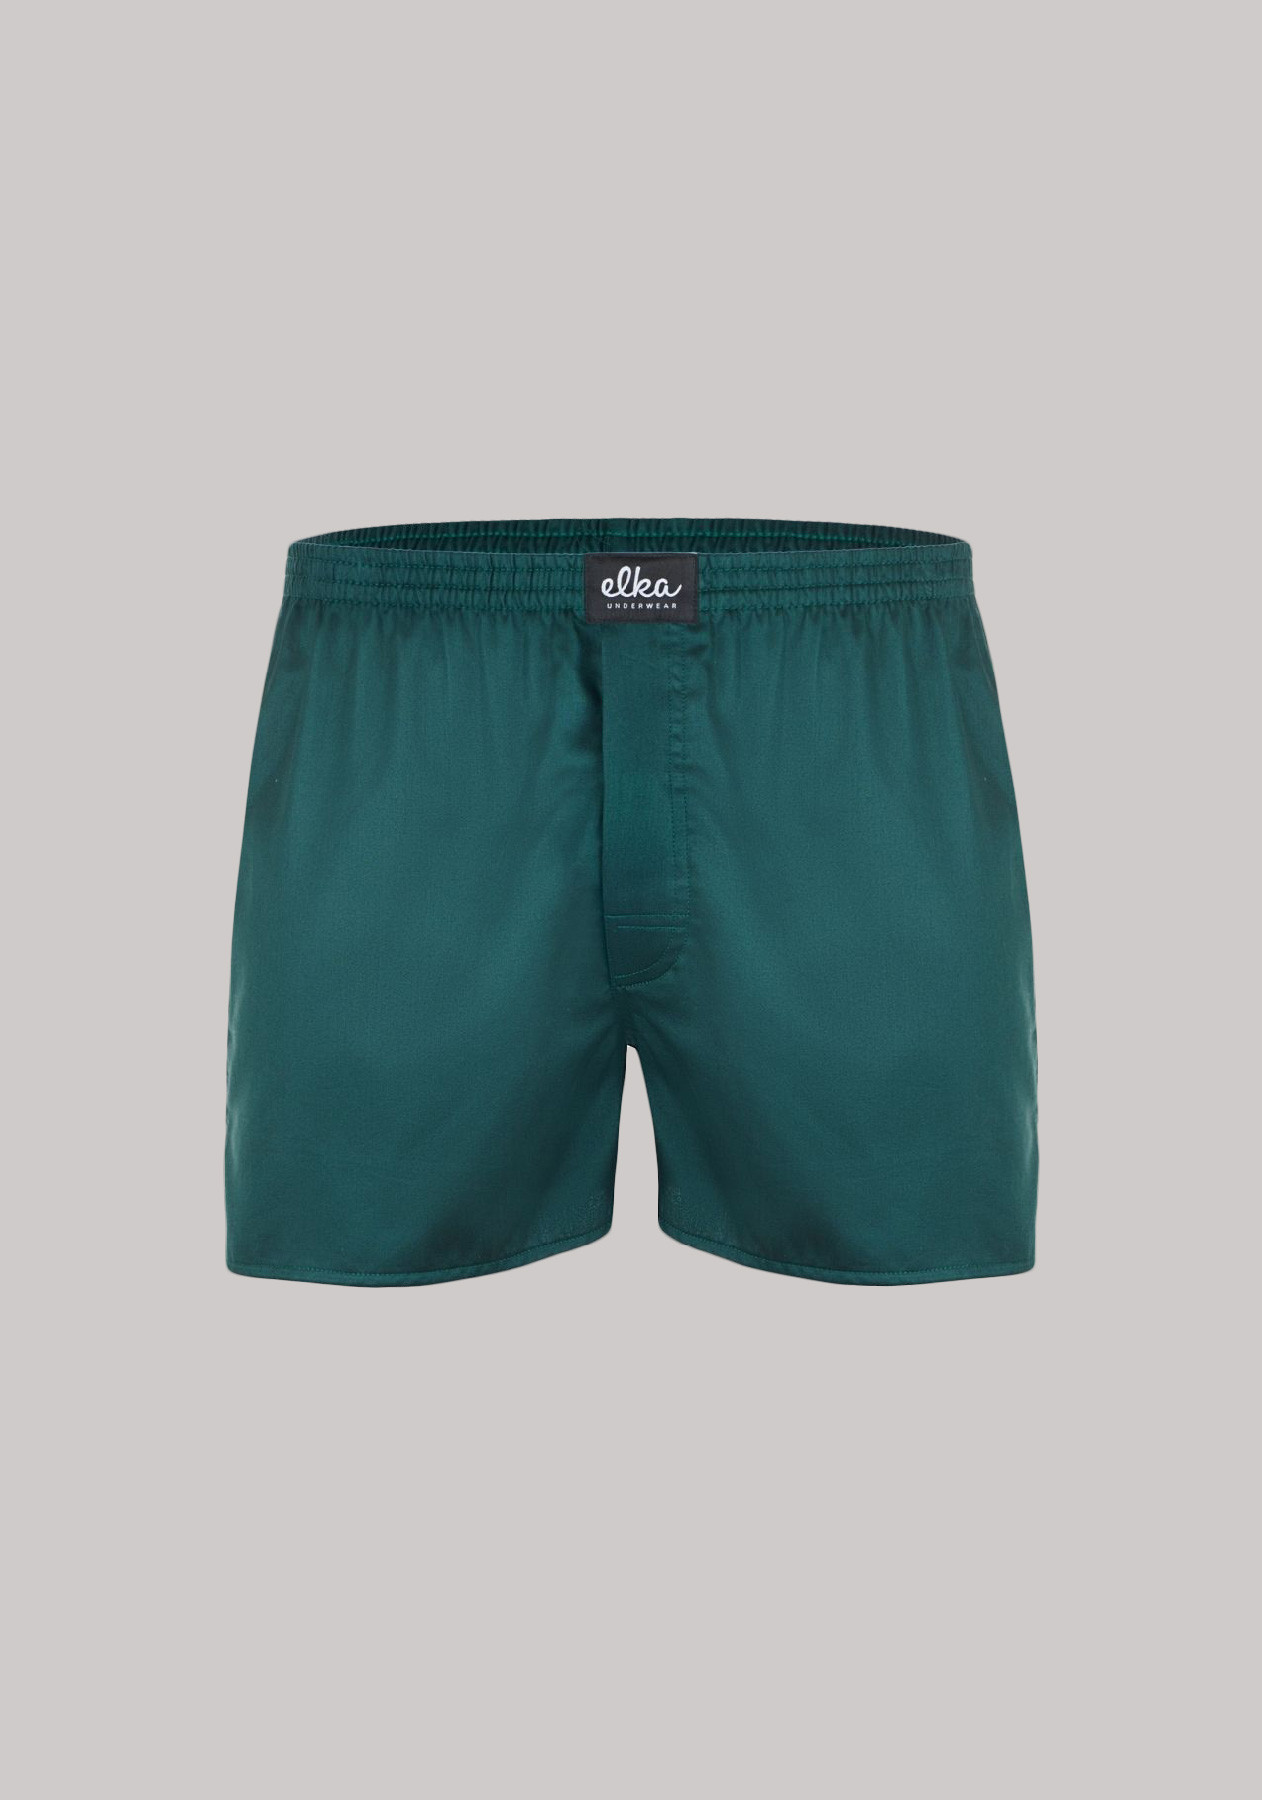 Men-boxershorts-ELKA-Lounge-P0057-1